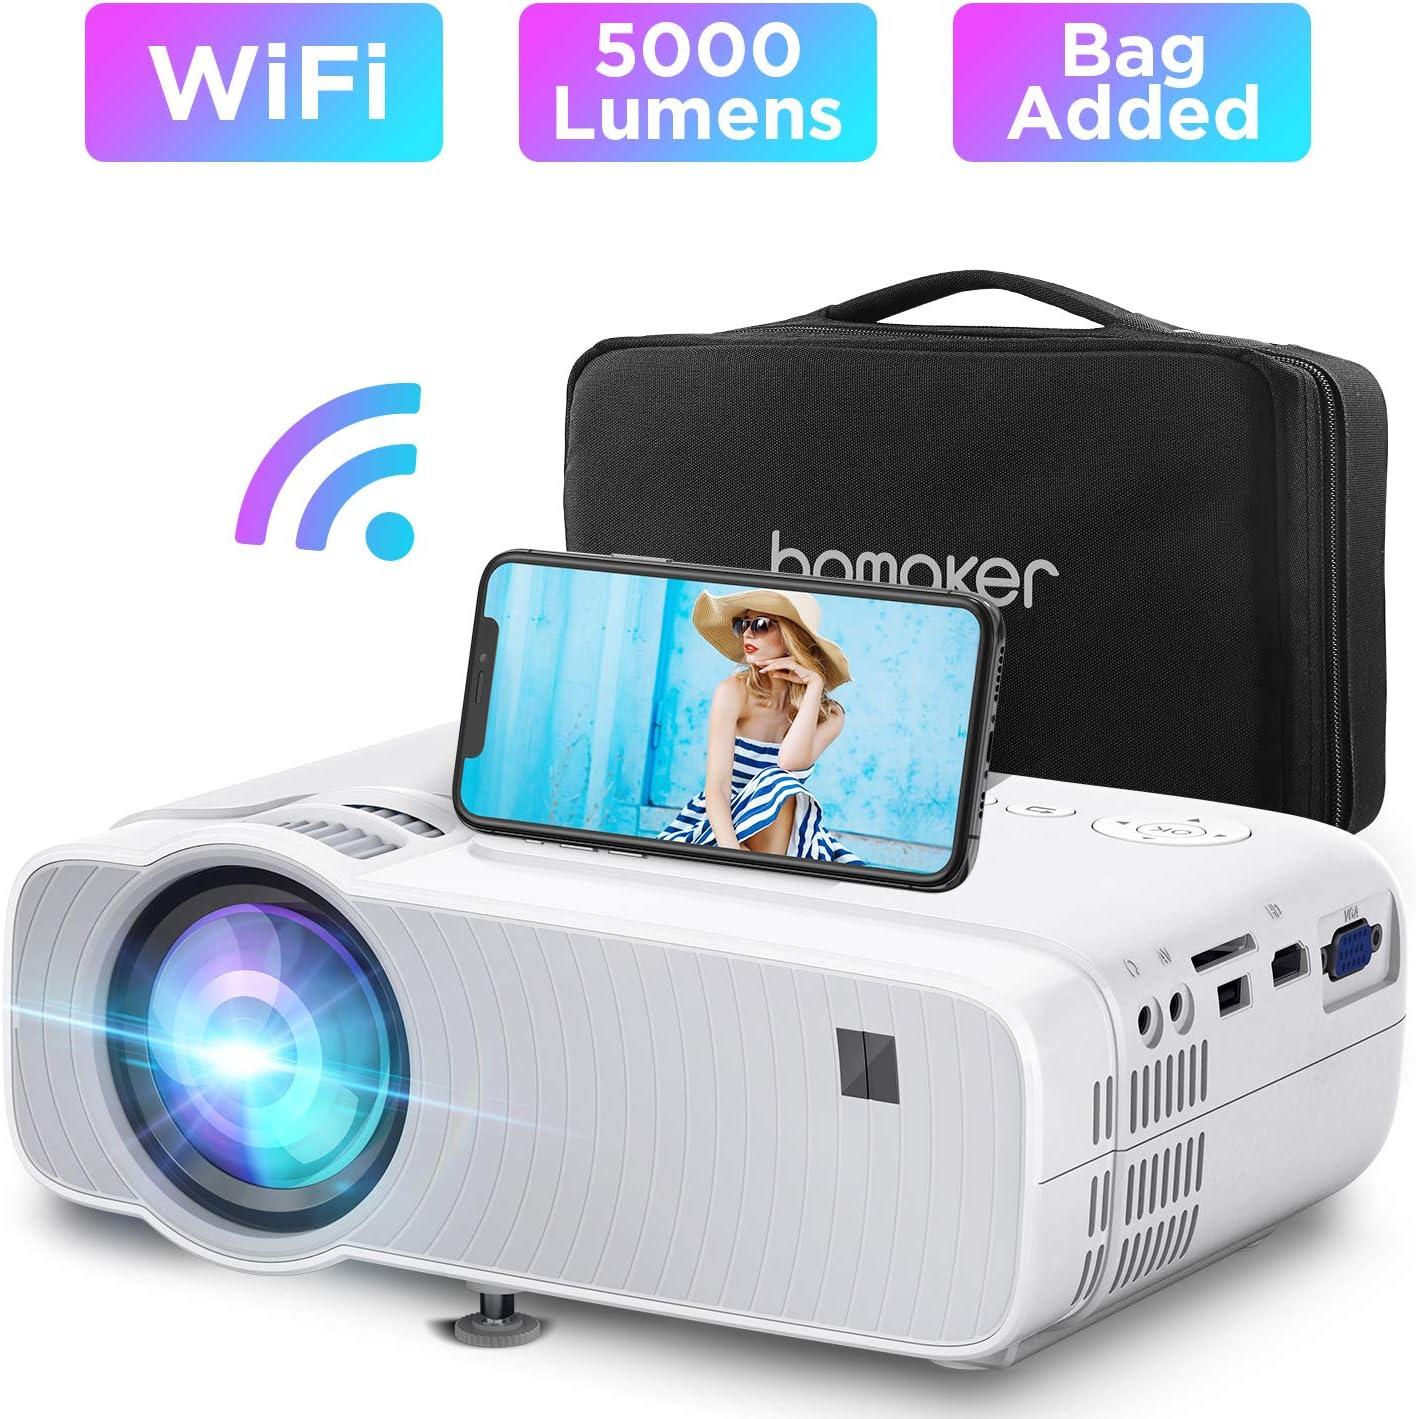 WiFi Proyector 5000 Lúmenes Soporta 1080p Full HD, ABOX Mini Proyector Portátil Cine en Casa, Sincronización de Pantalla para Android/iPhone, Apto para HDMI/VGA/AV/USB/SD GC357